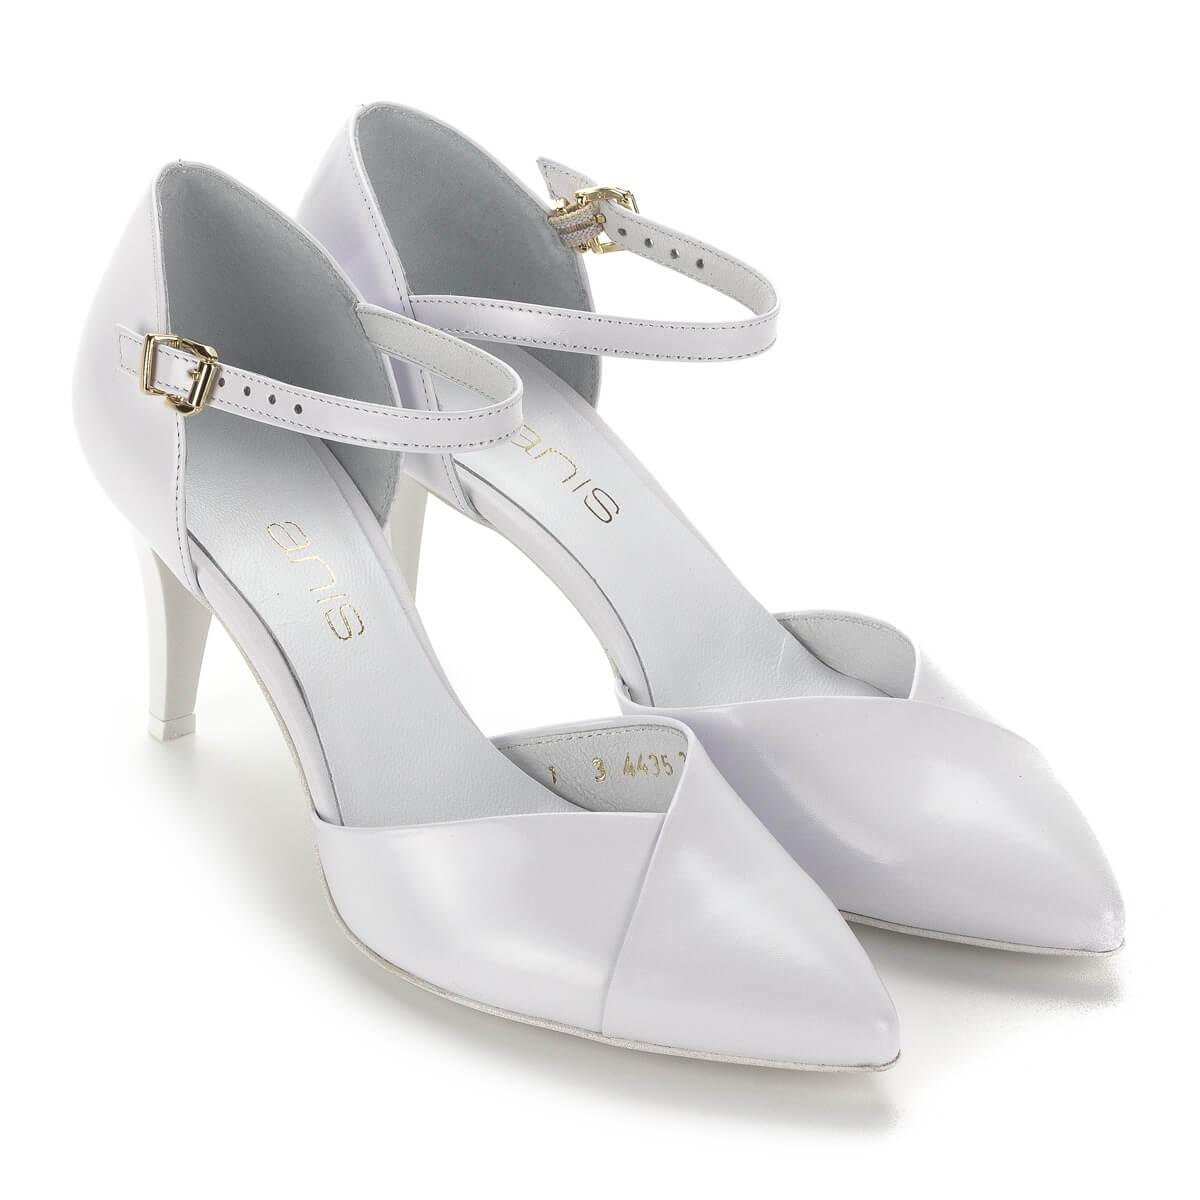 876818f2dc9f Esküvői cipő - Magas sarkú fehér cipők, menyasszonyi cipők